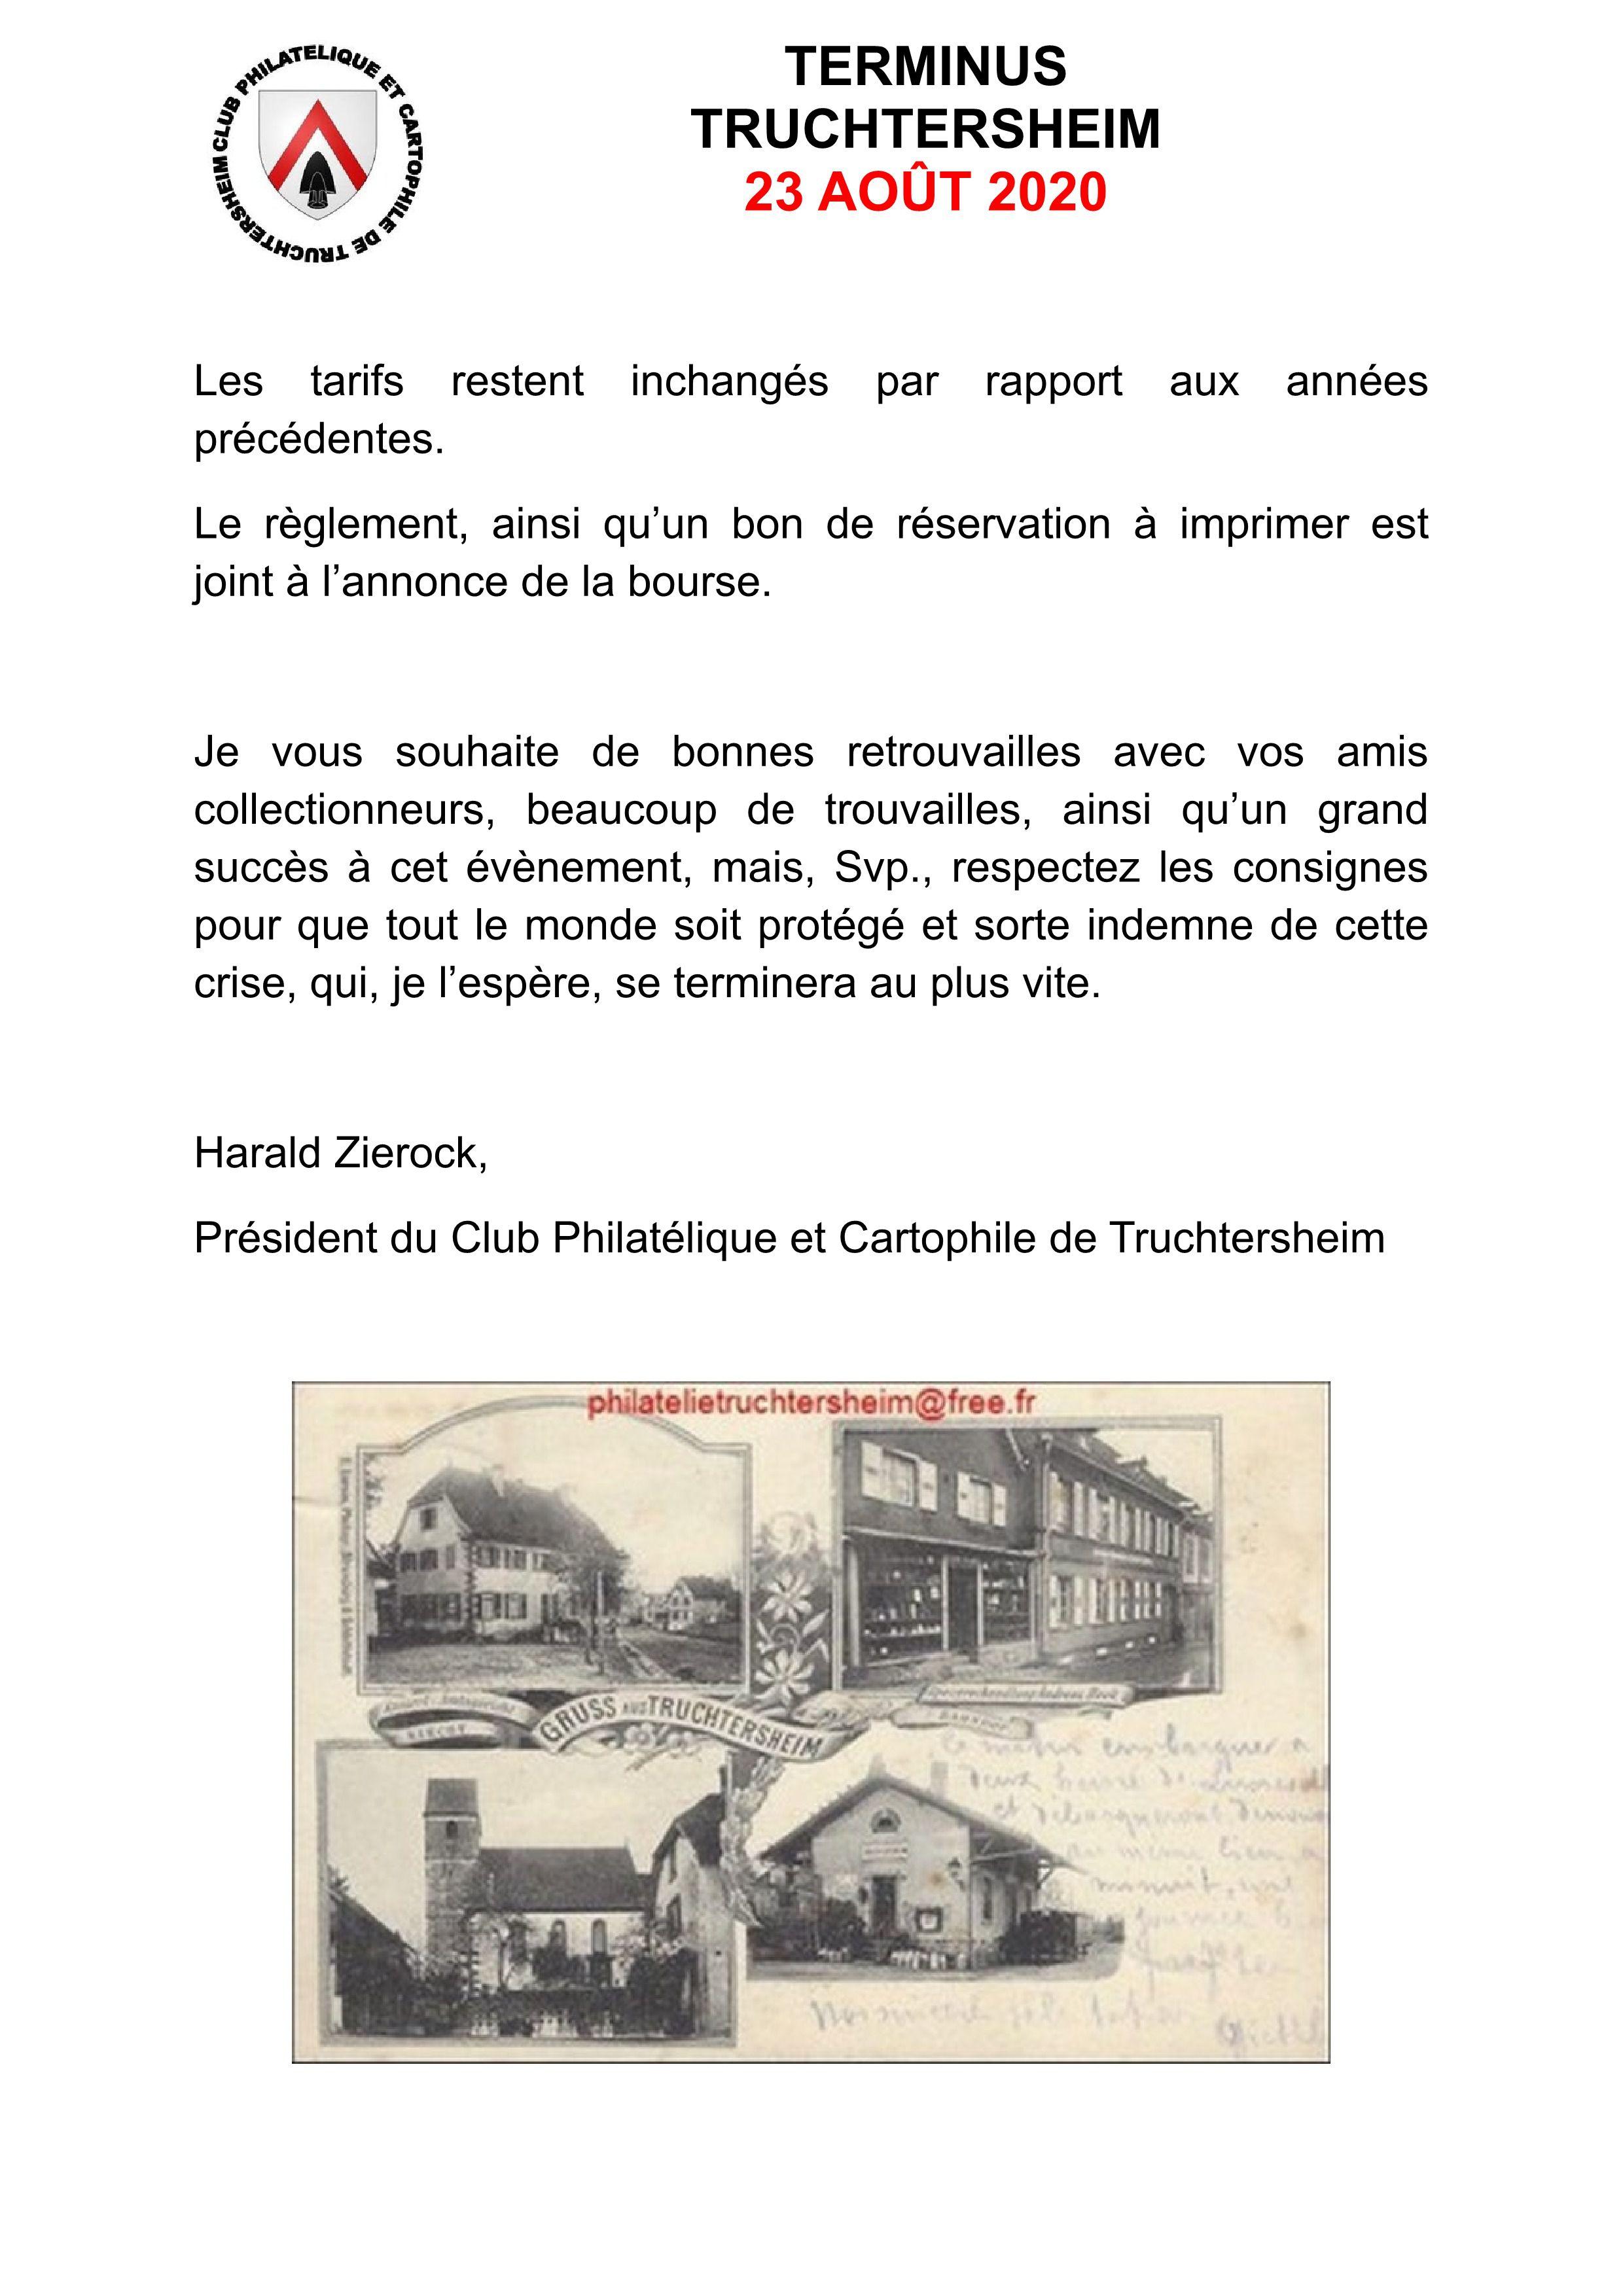 bourse_truchtersheim_23_aout_2020_2.jpg